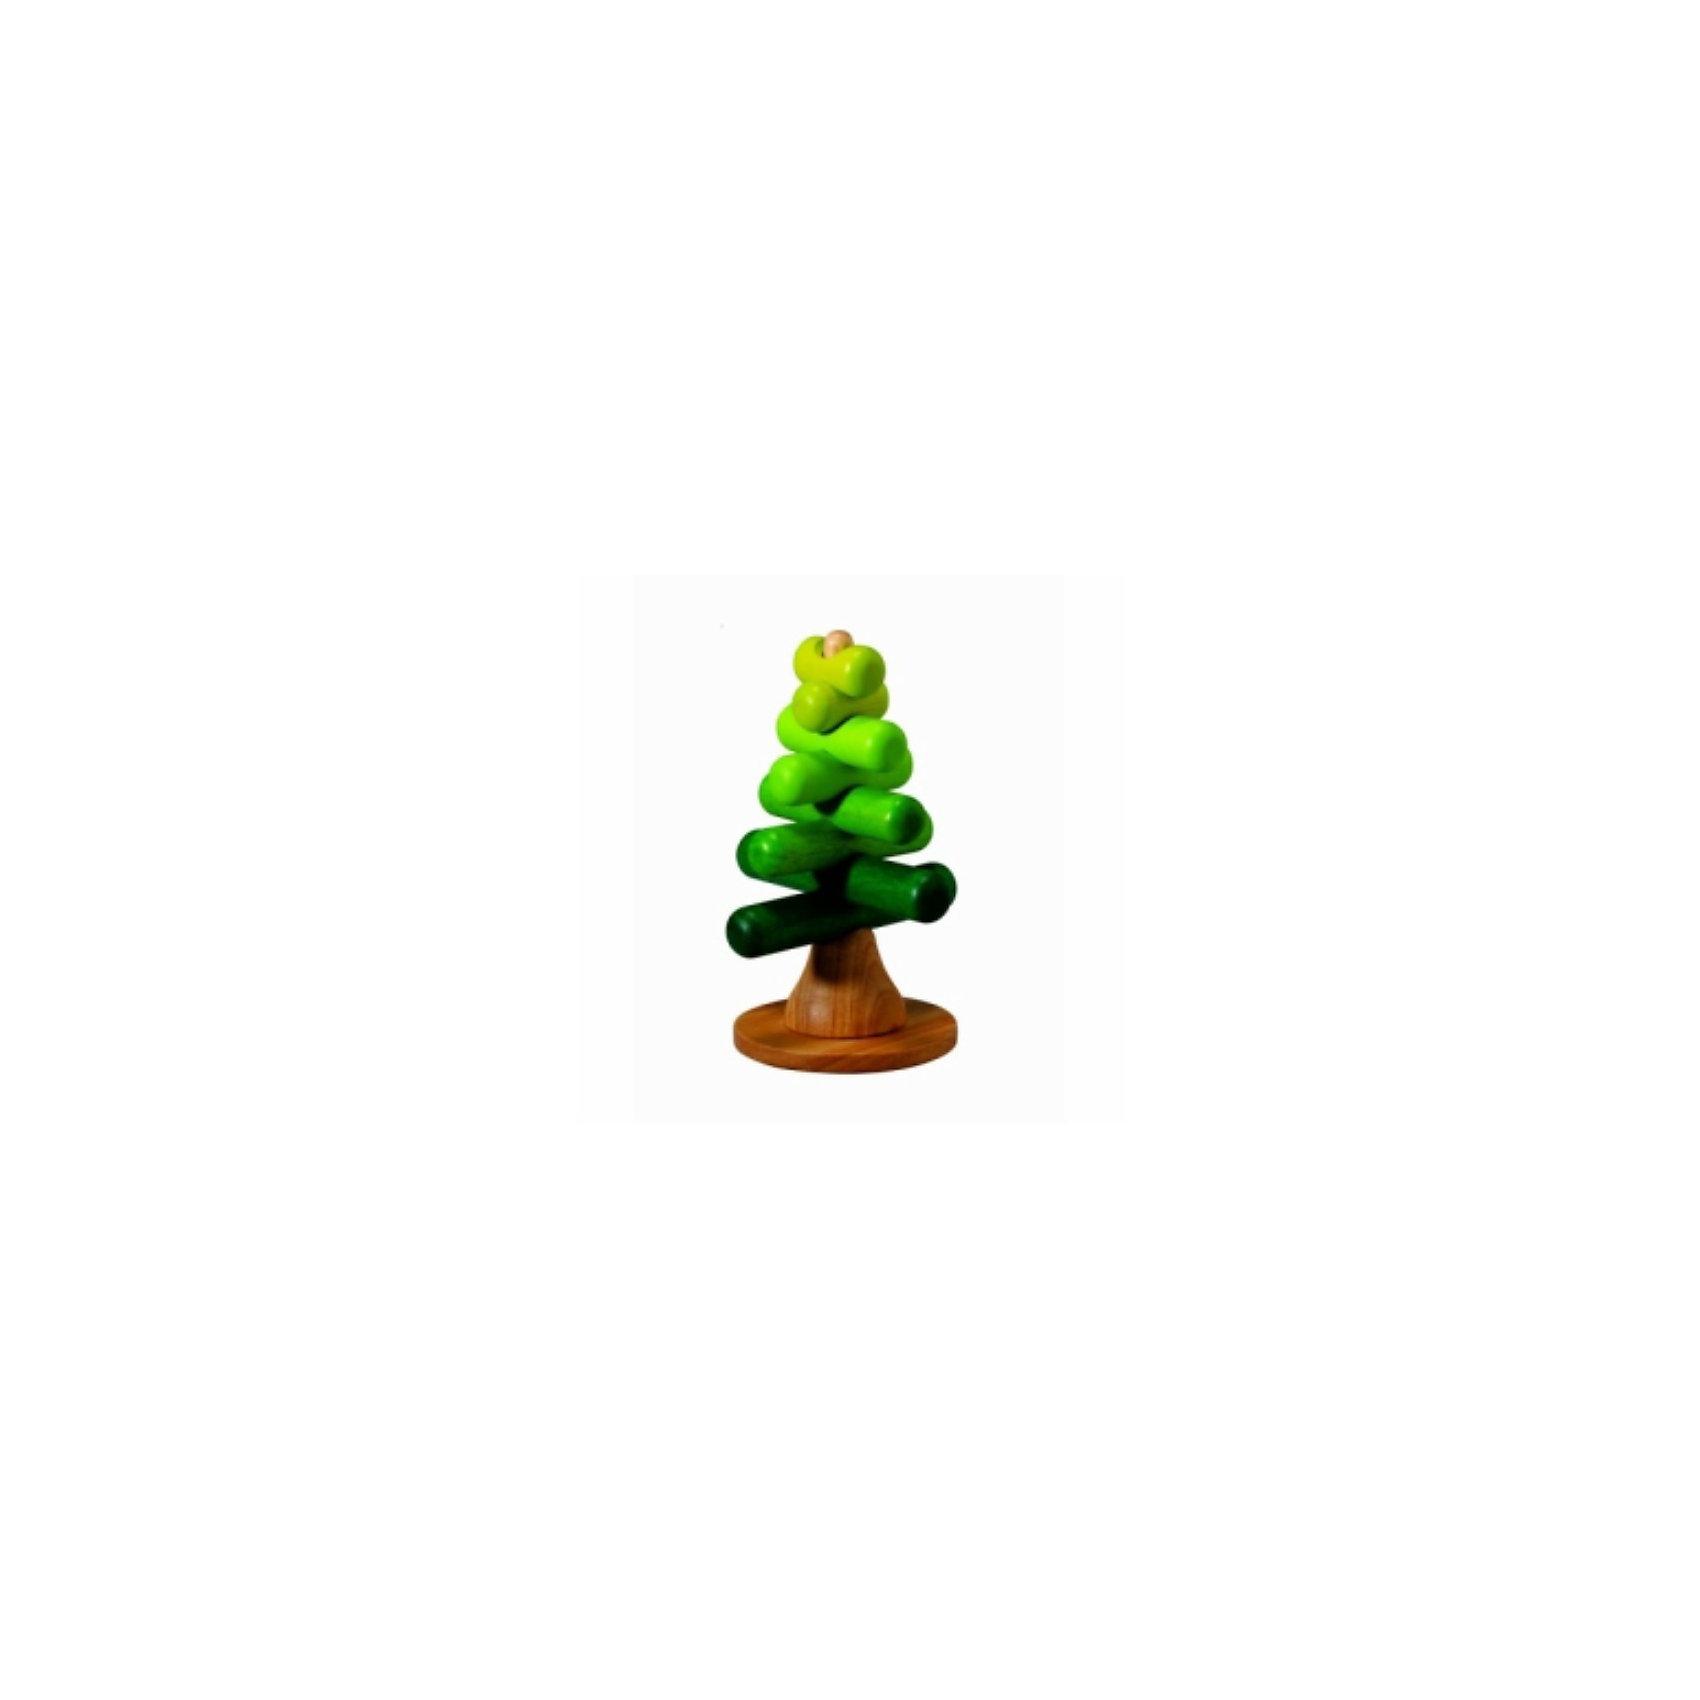 PLAN TOYS 5149 ДеревоДизайн набора-пирамиды PLAN TOYS Дерево основан на концепции природы. <br><br>Пирамидка состоит из деревянного стержня, на который нанизываются округлые палочки. Палочки располагаются под прямым углом по отношению друг к другу<br><br>Каждую палочку, выполненную в вариациях зеленого цвета, можно уложить так, чтобы сформировать различные виды деревьев. Игра поможет детям узнать об оттенках цвета и размерах.<br><br>Дополнительная информация:<br><br>- игрушка выполнена из каучукового дерева с использованием нетоксичных красок и специально изготовлена с закругленными краями, чтобы избежать вероятности травмирования<br>- размеры игрушки: 14 x 14 x 21,5 см<br>- размеры упаковки: 12,5 x 11,3 x 23 см <br><br>Дерево PLAN TOYS стимулирует развитие цветового восприятия, мелкую моторику рук и мышление ребенка.<br><br>Ширина мм: 113<br>Глубина мм: 230<br>Высота мм: 125<br>Вес г: 700<br>Возраст от месяцев: 24<br>Возраст до месяцев: 48<br>Пол: Унисекс<br>Возраст: Детский<br>SKU: 2175269